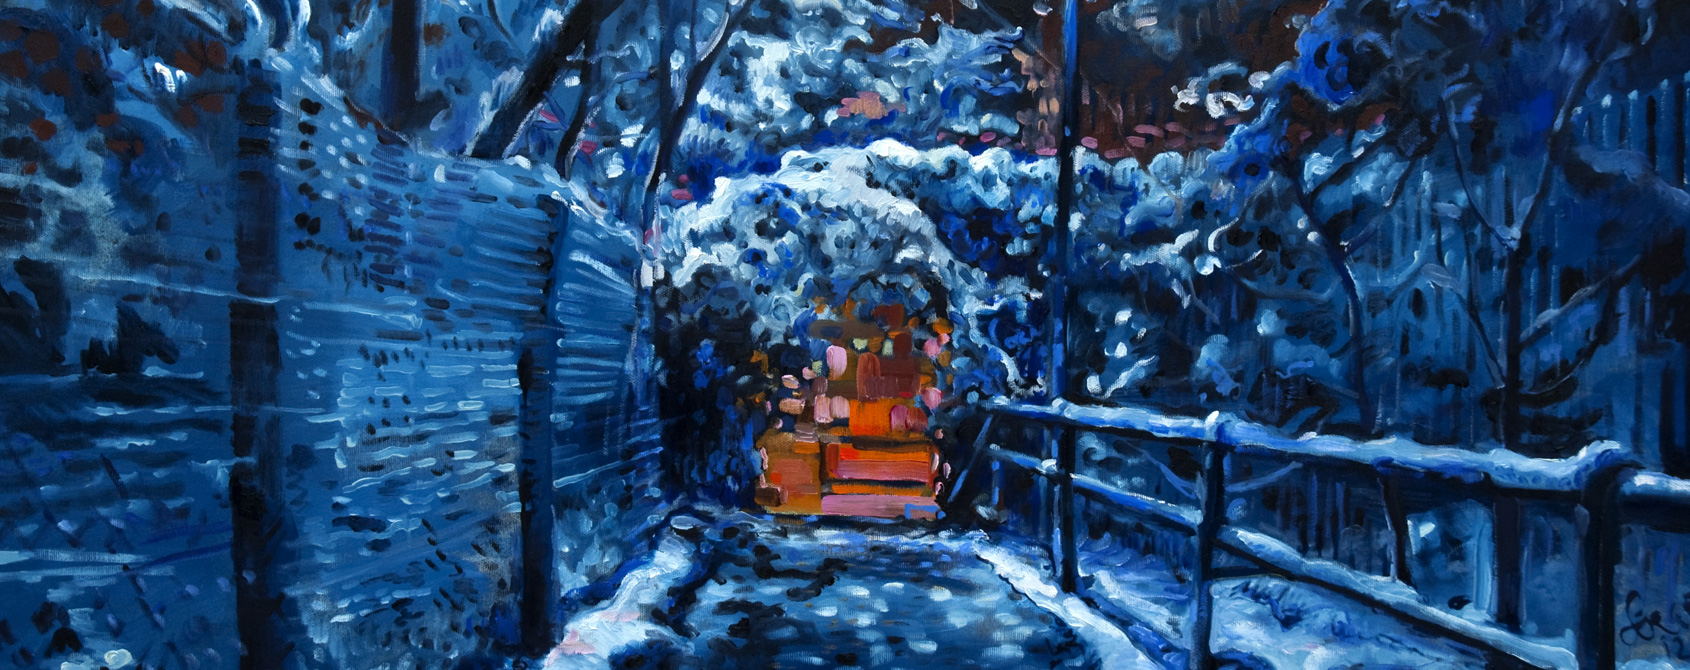 Blaulicht von Serge Nyfeler